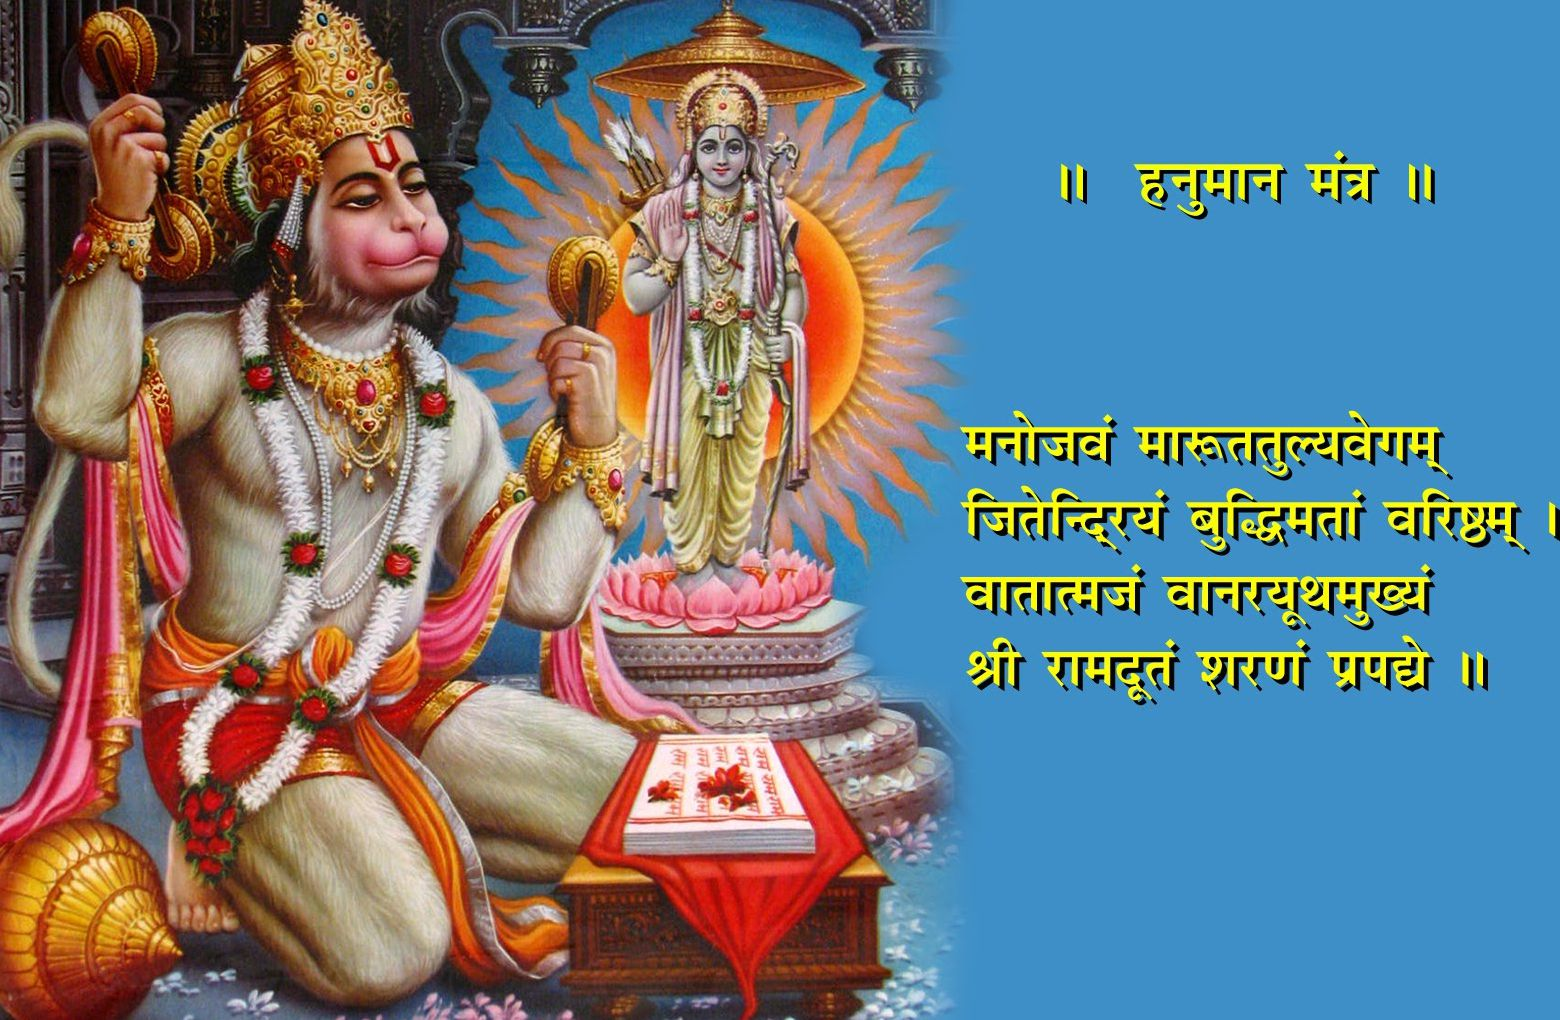 Hanuman Ji Mantra in Image